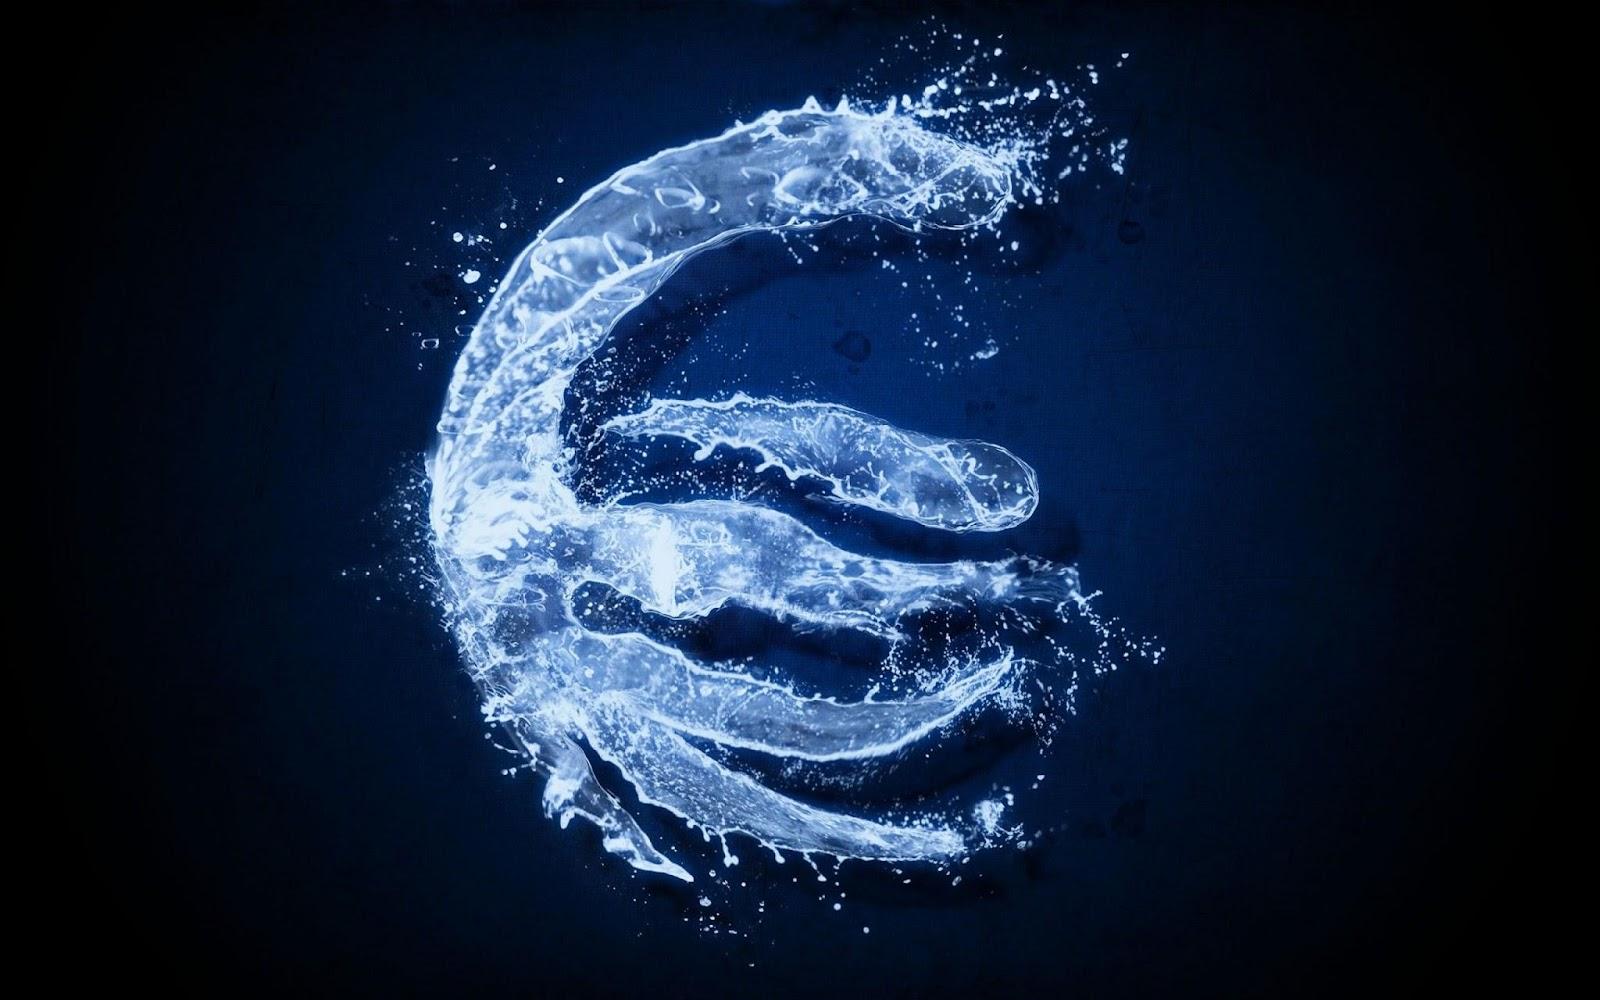 Nhóm nguyên tố nước sẽ có một năm nhiều sự thay đổi